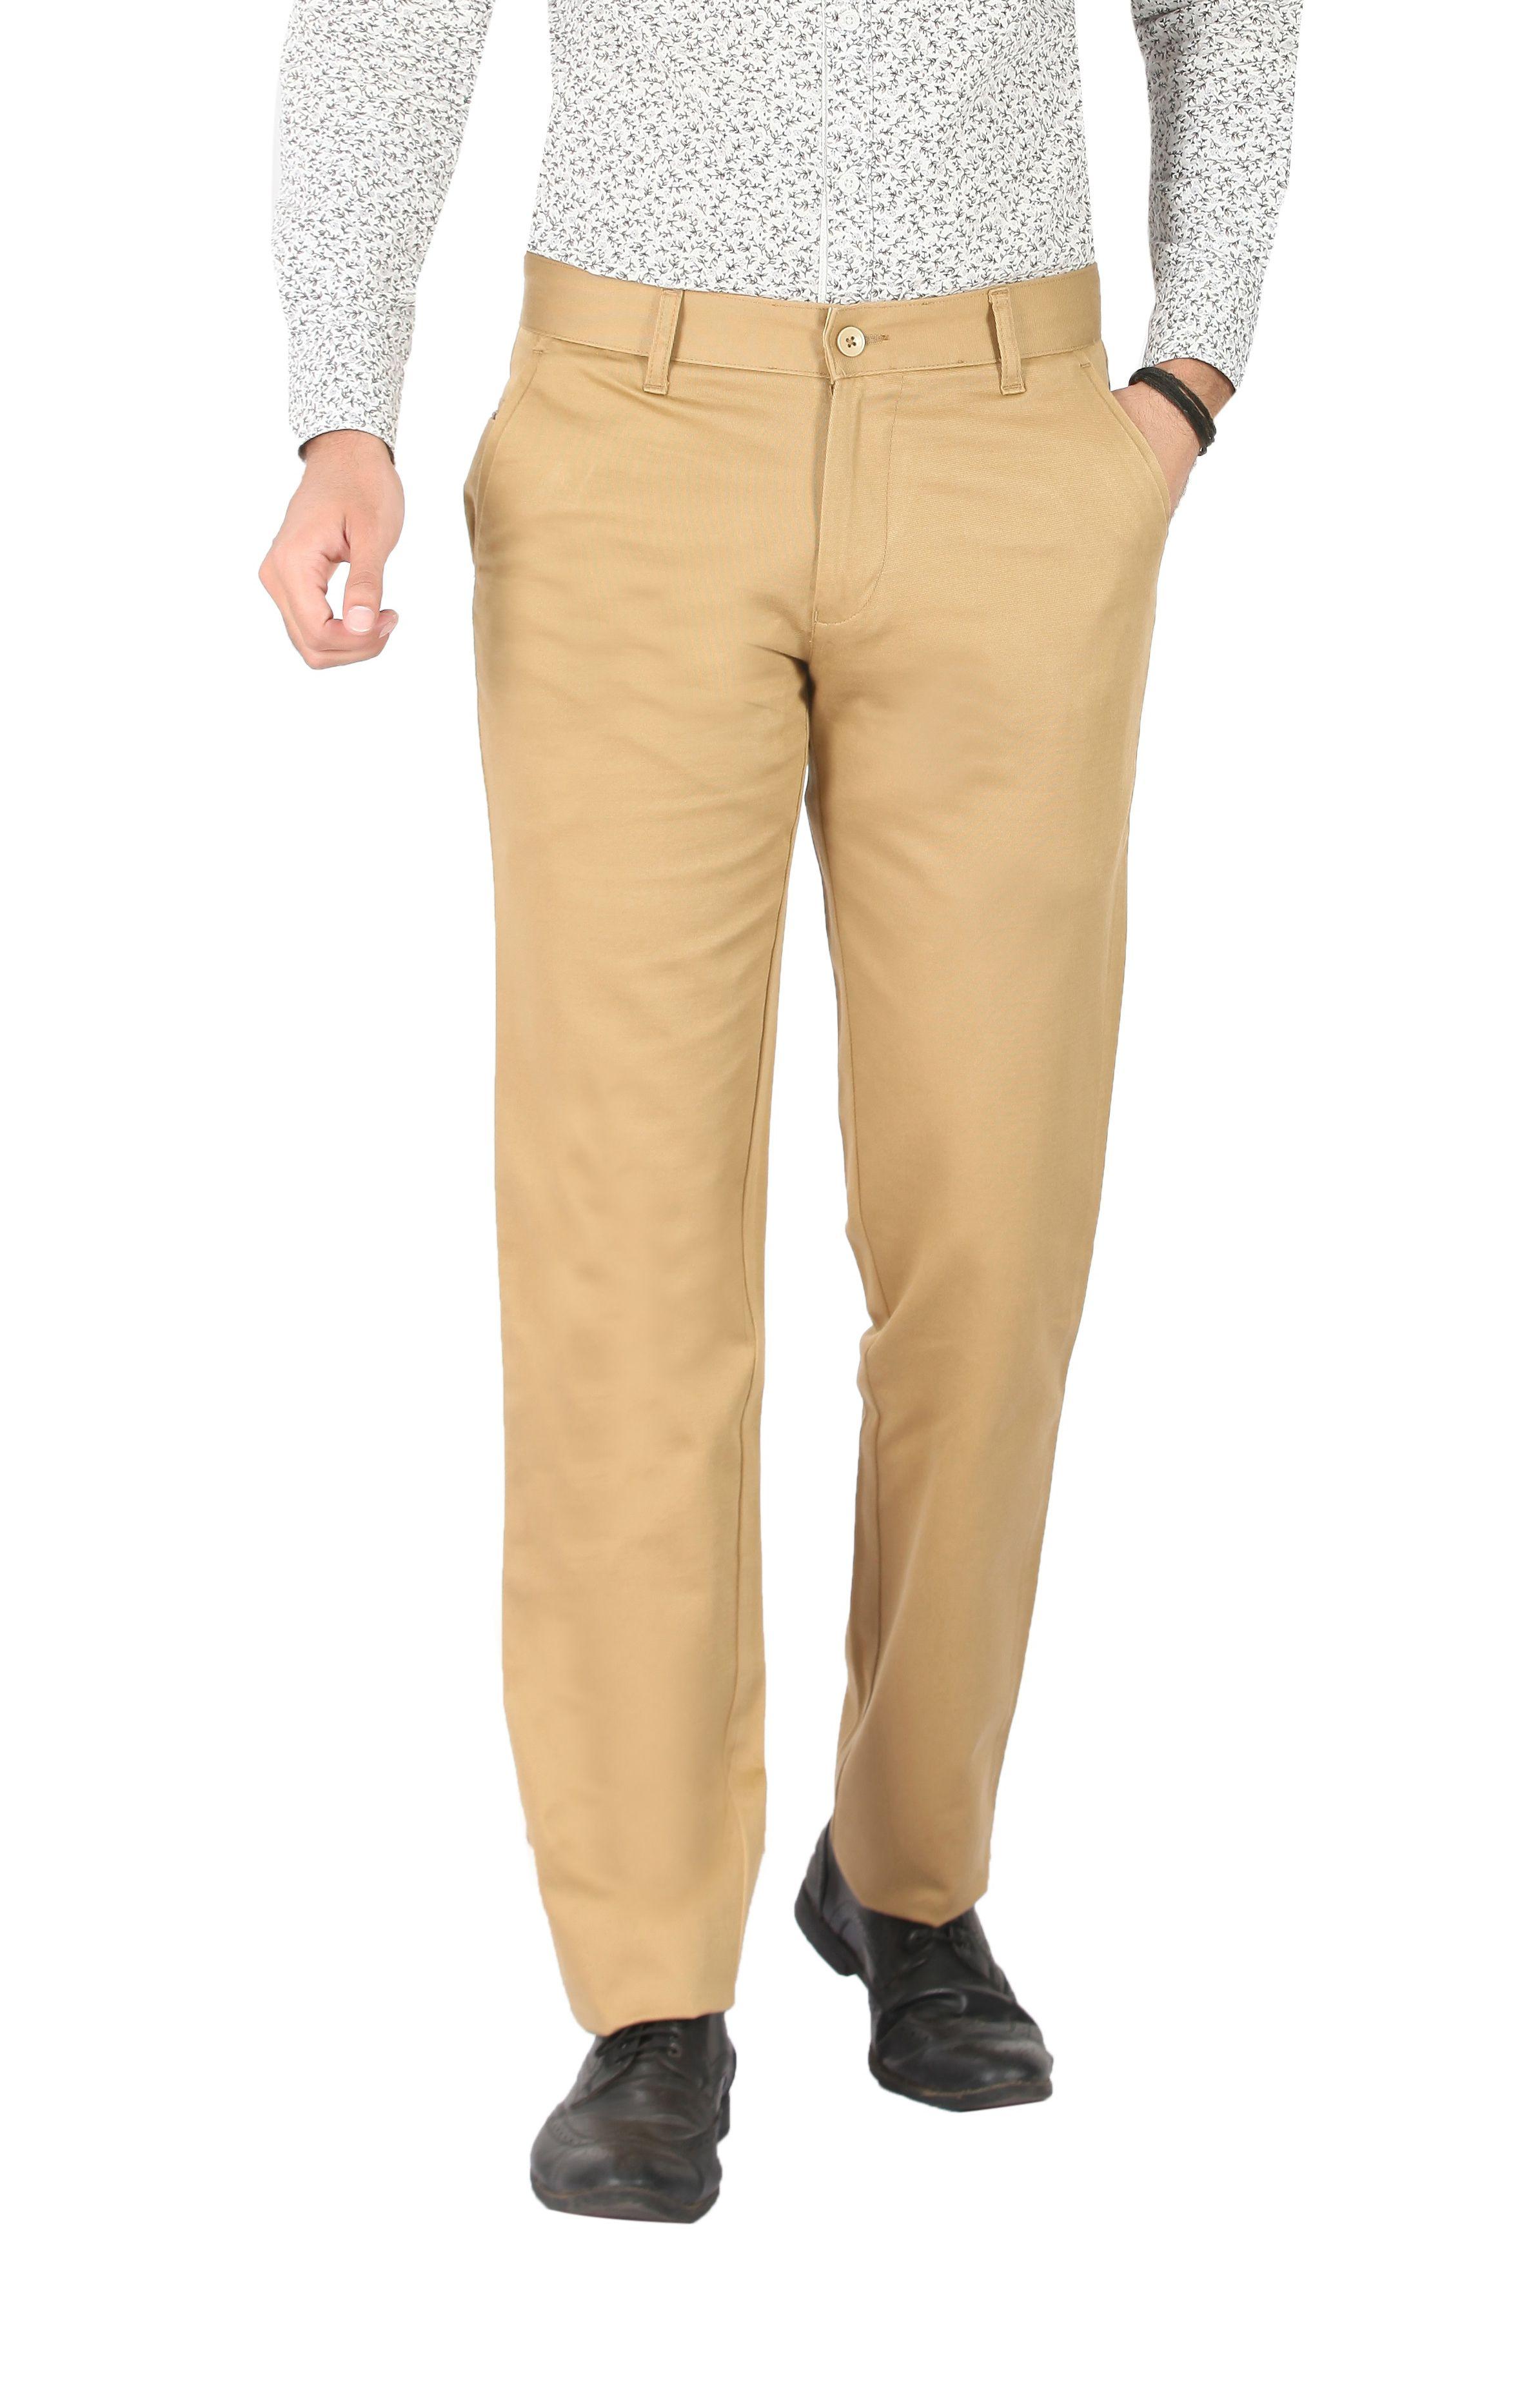 Pecos Bill Brown Slim -Fit Flat Trousers